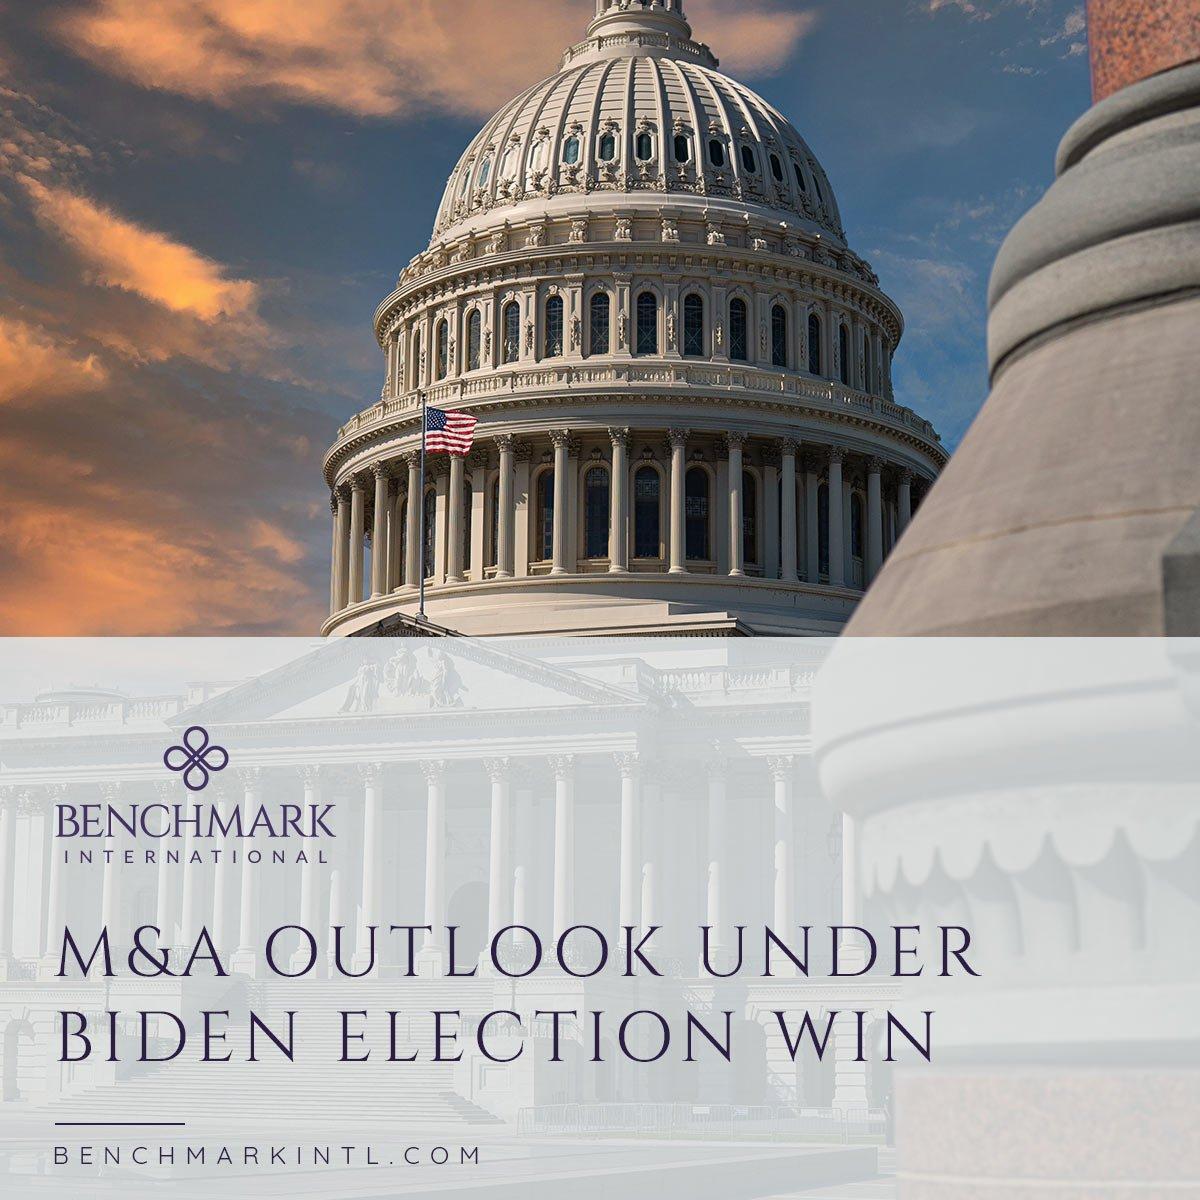 M&A_Outlook_Under_Biden_Election_Win_Social